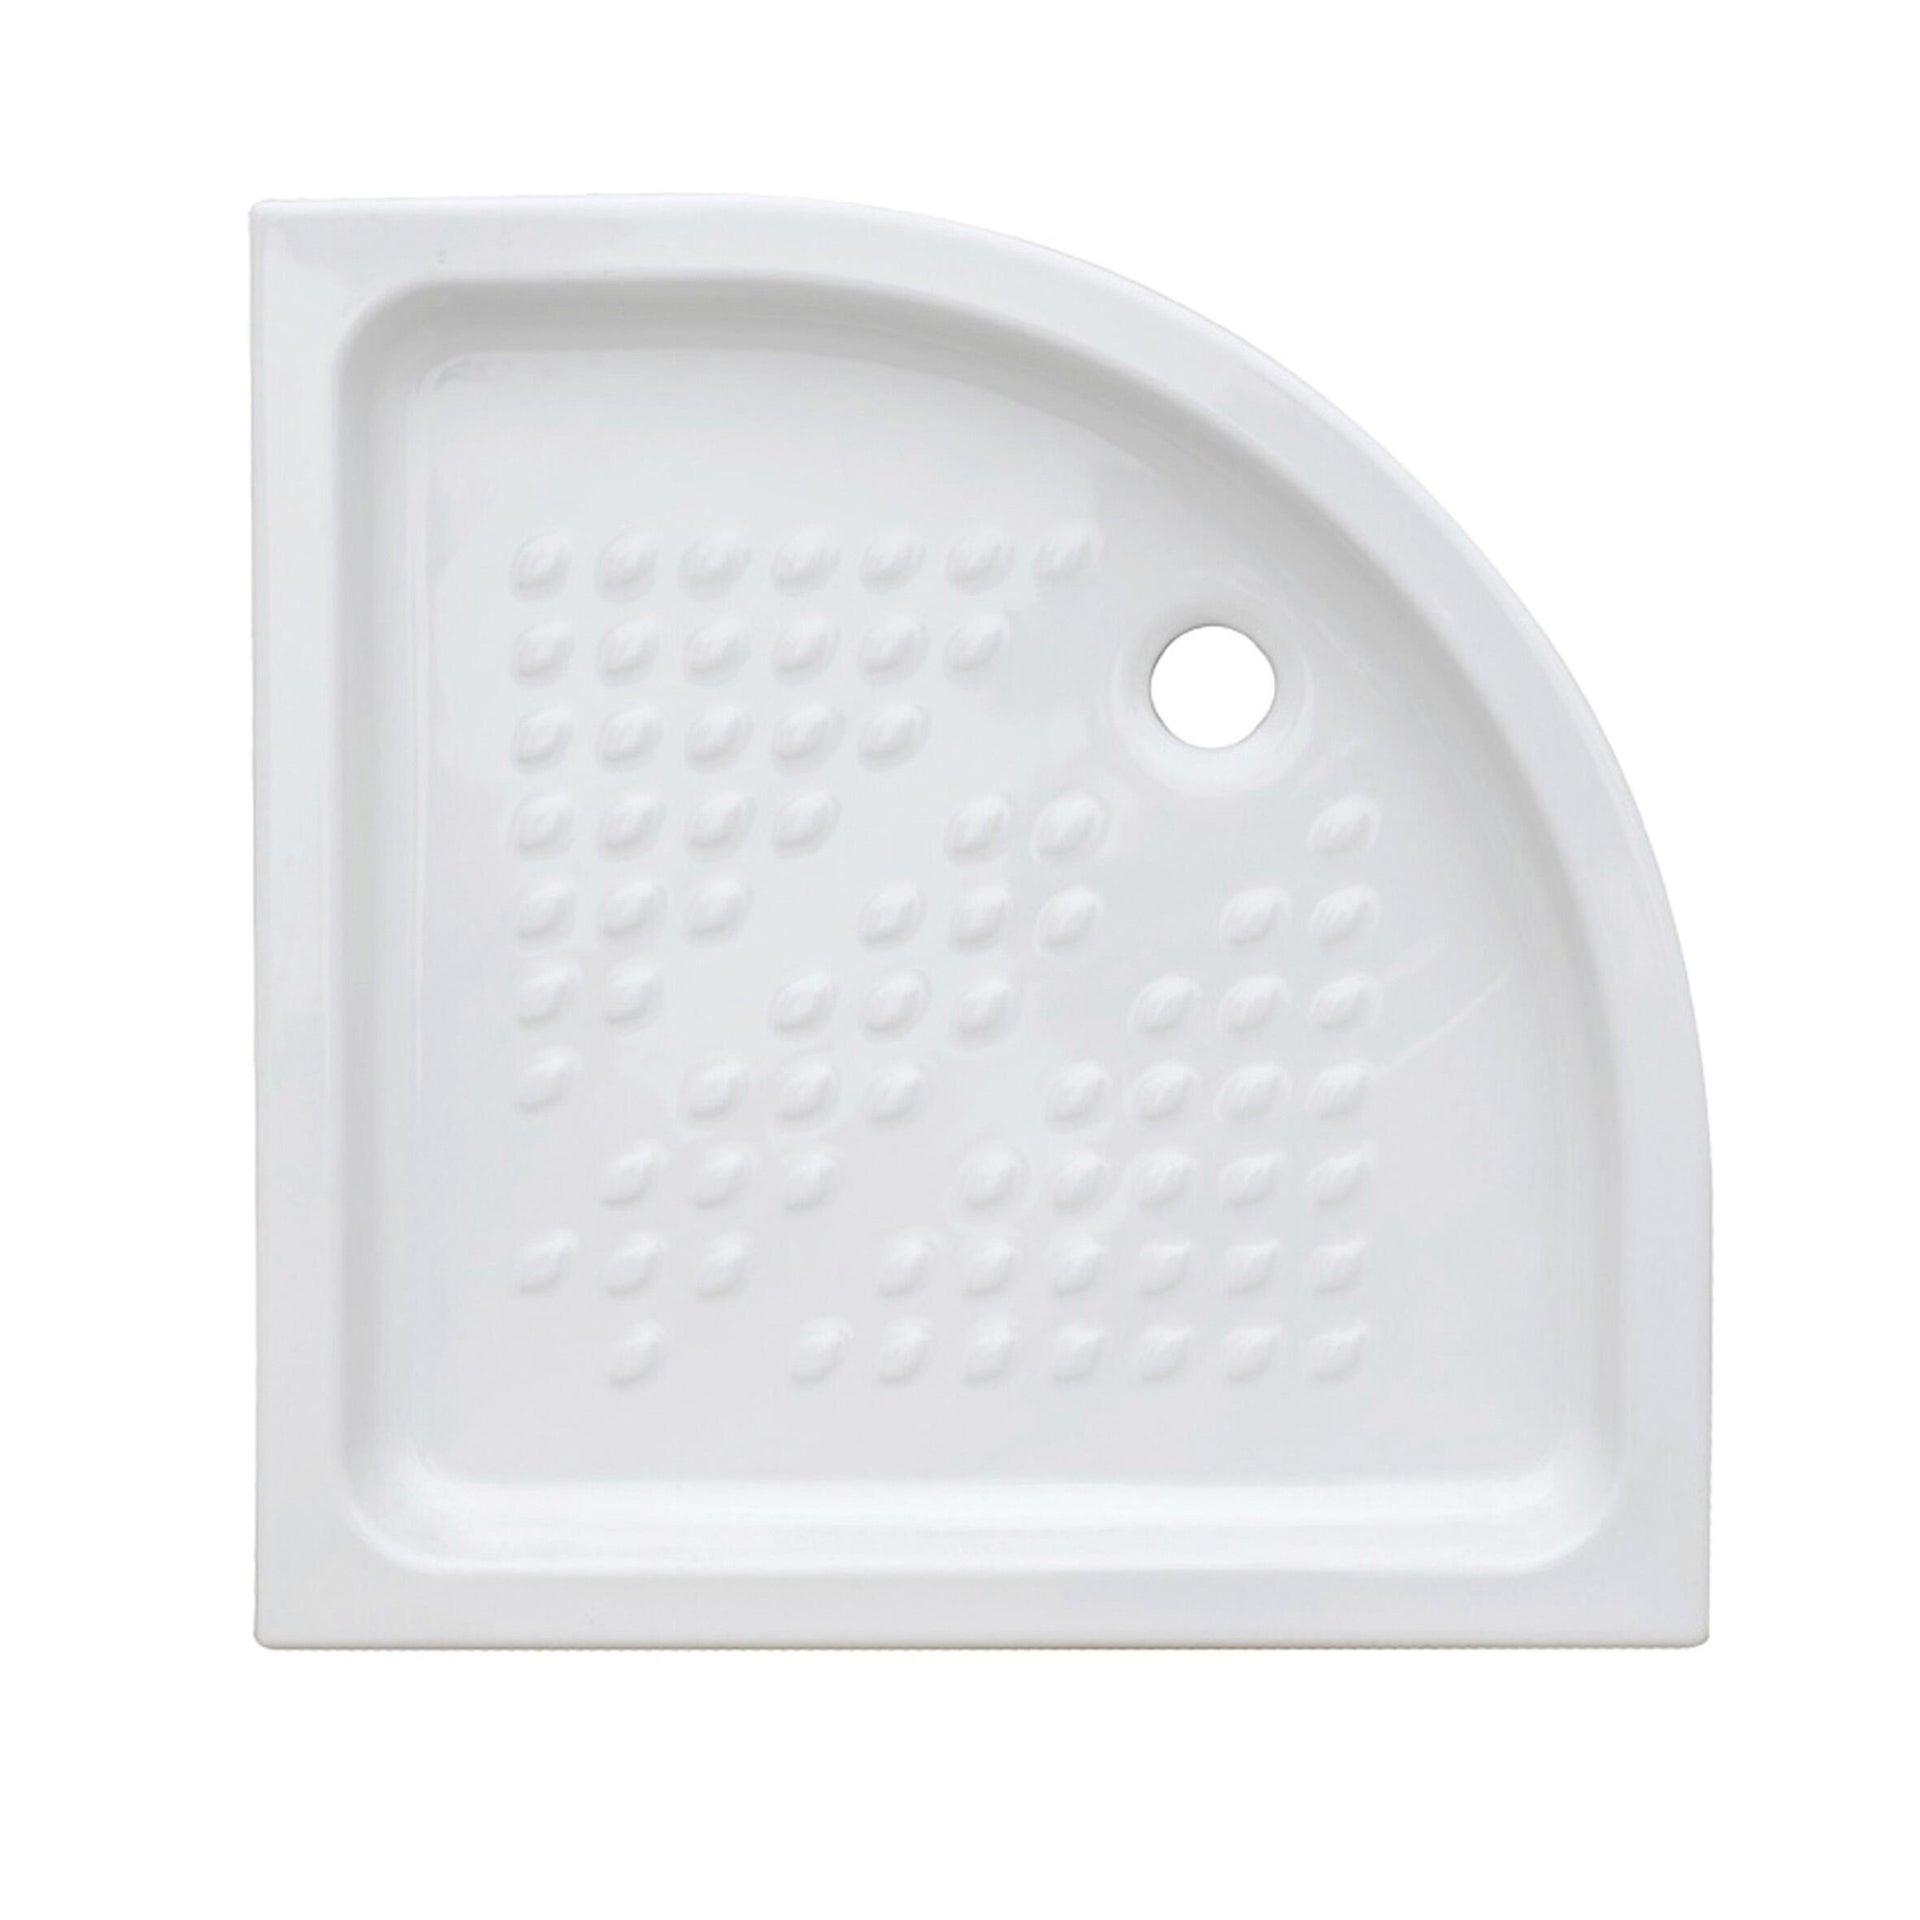 Piatto doccia ceramica Quadro 80 x 80 cm bianco